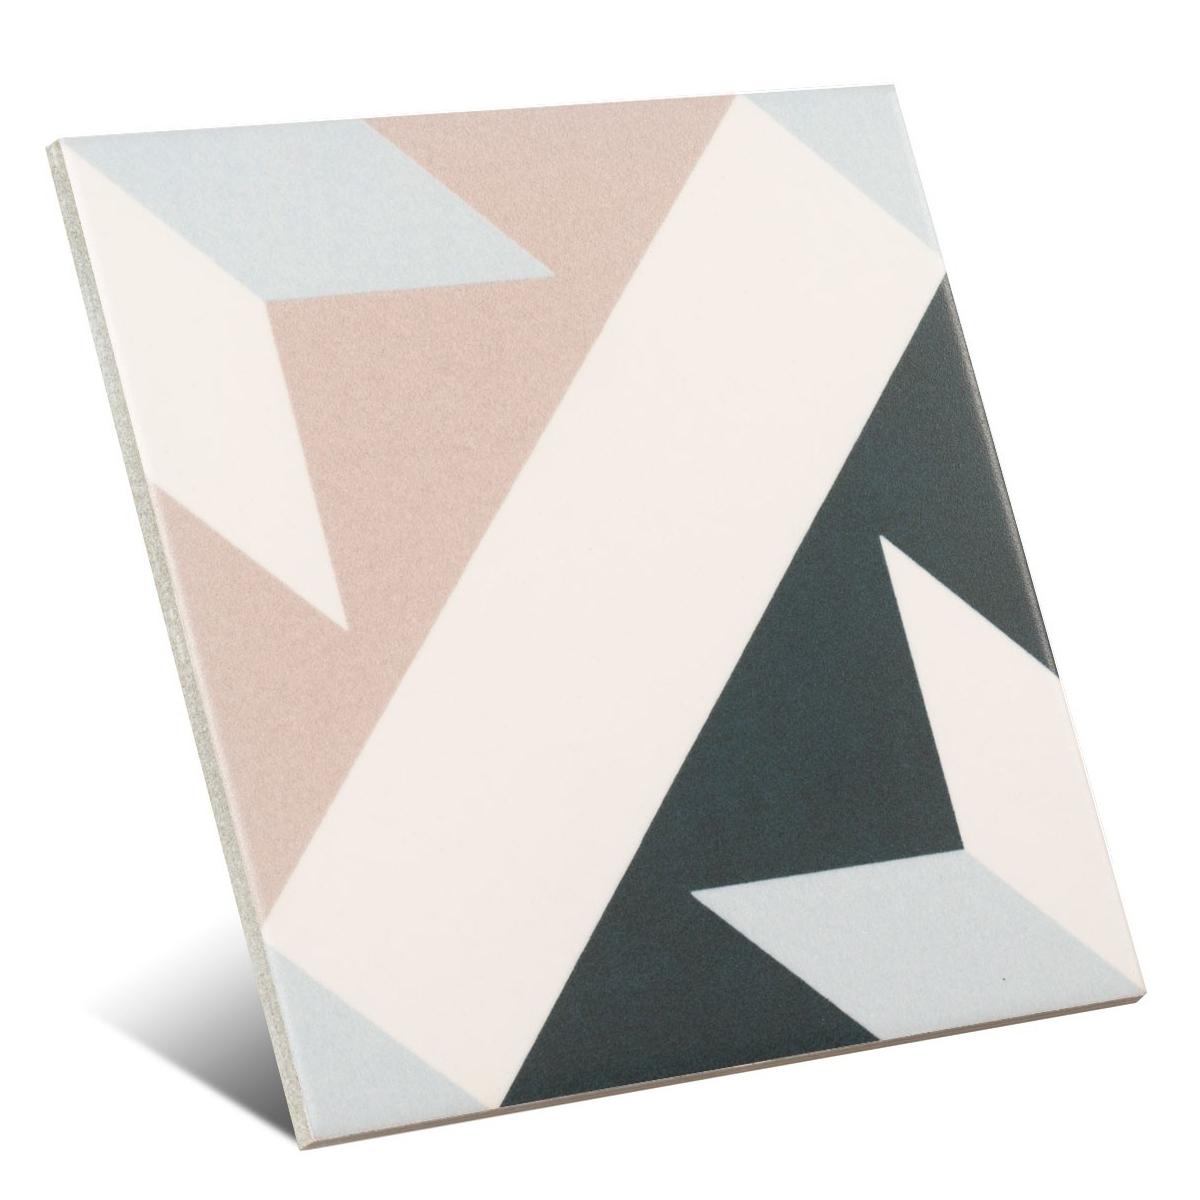 Trianon 15x15 (m2) - Serie Rainbow - Marca Pissano